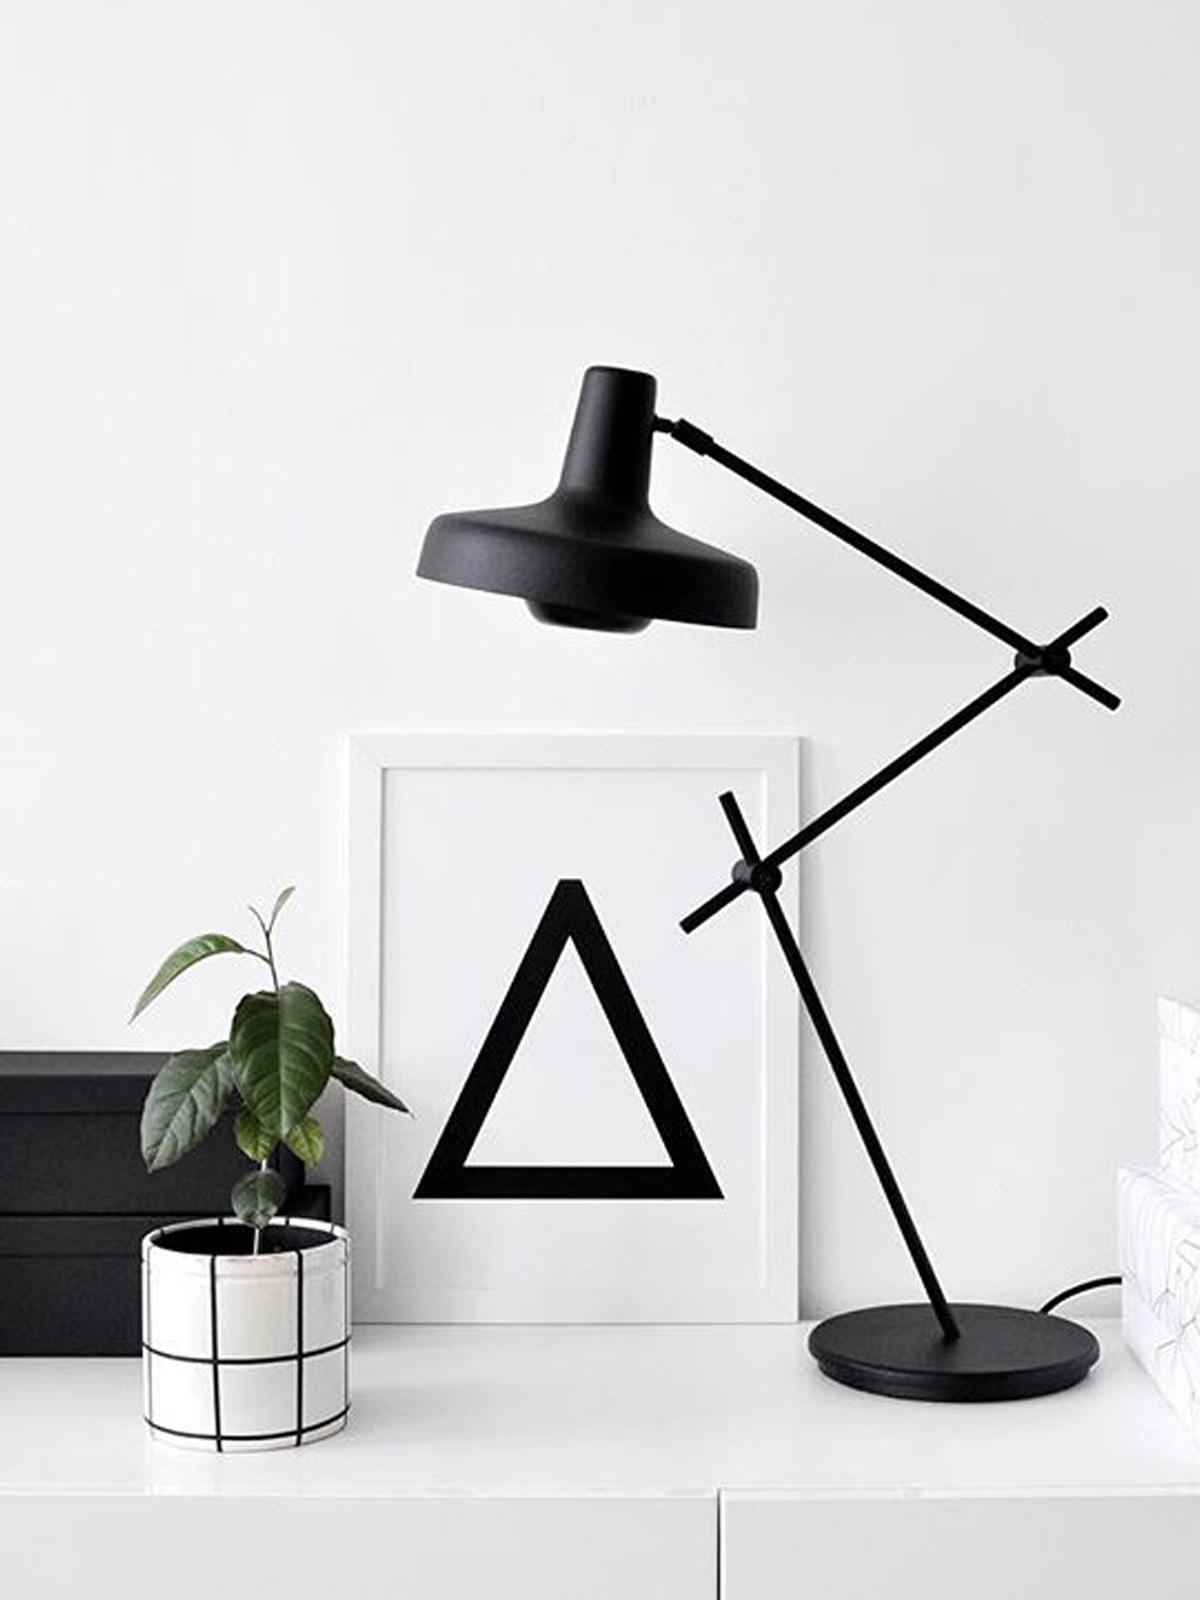 DesignOrt Blog: Schreibtischlampen Arigato T AR-T Grupa DesignOrt